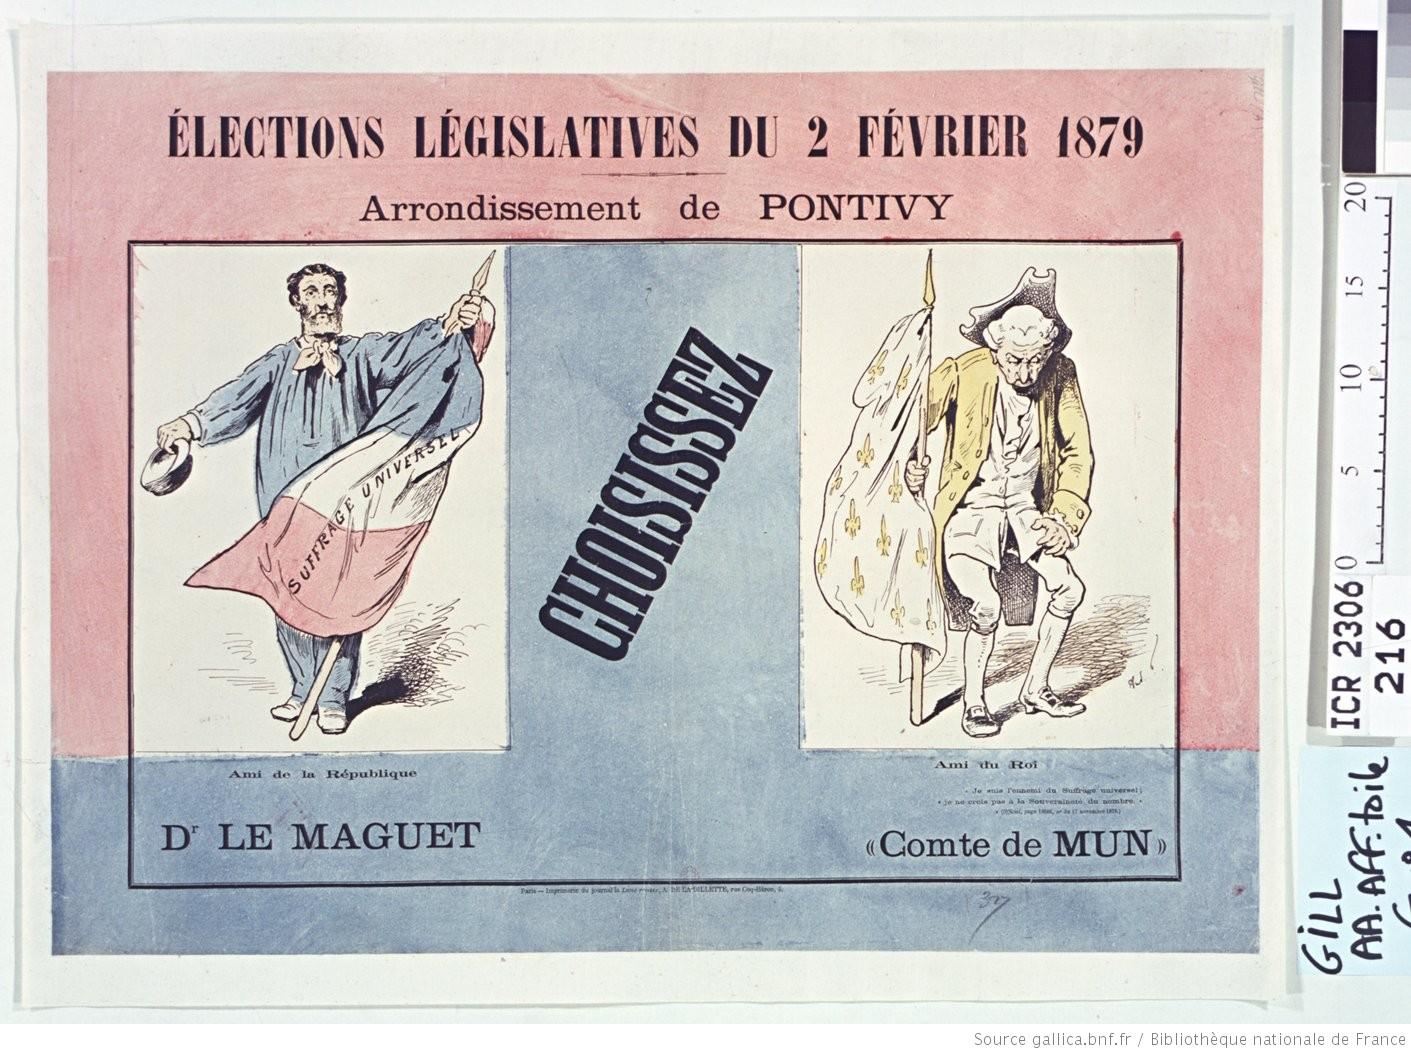 propagande électorale en 1879